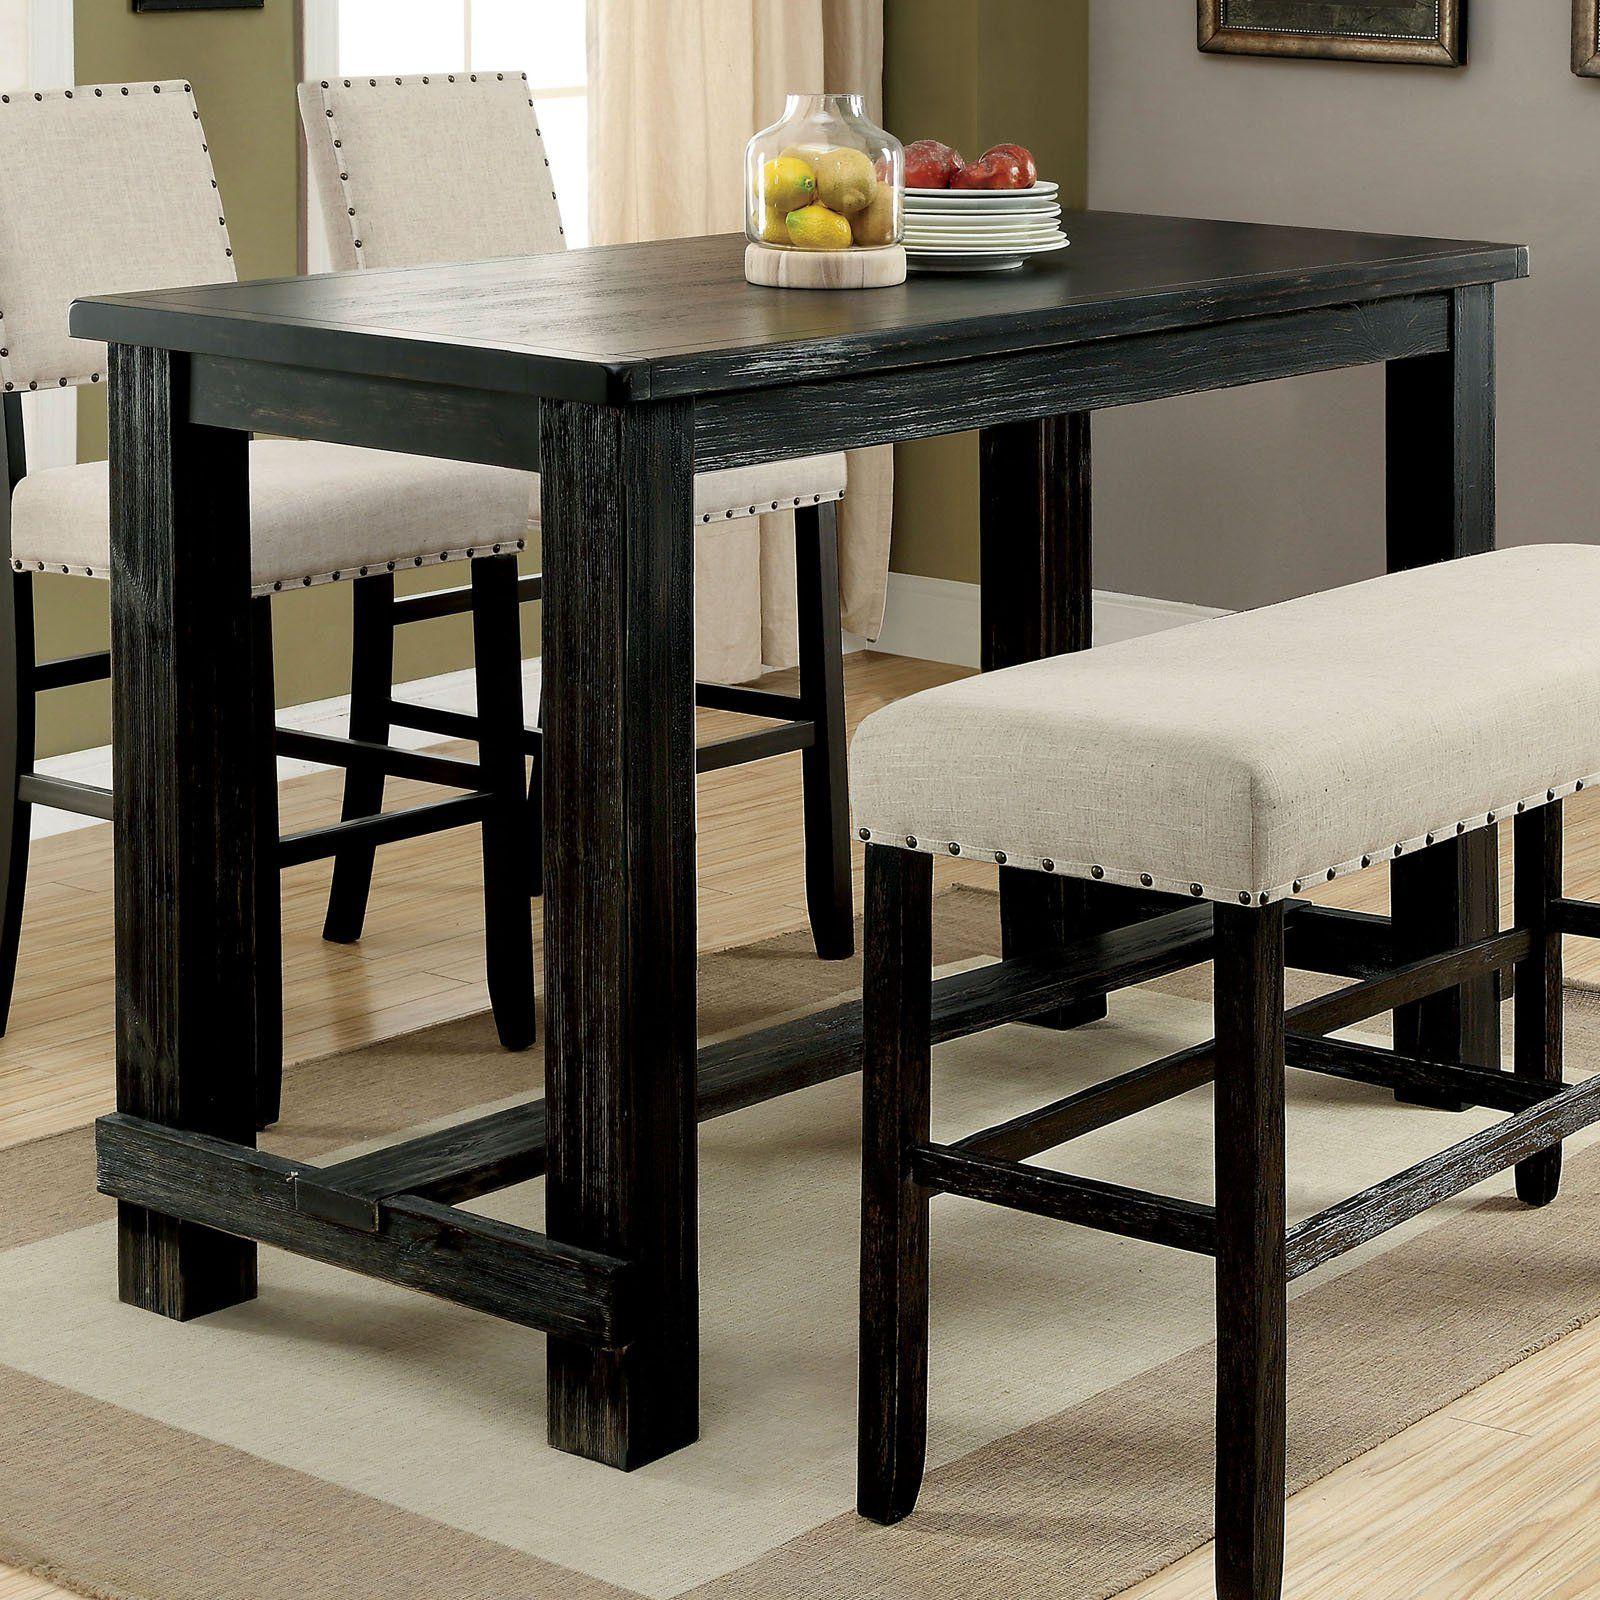 Furniture Of America Helin Ii Bar Height Dining Table Bar Height Dining Table Solid Wood Dining Table Counter Height Dining Table